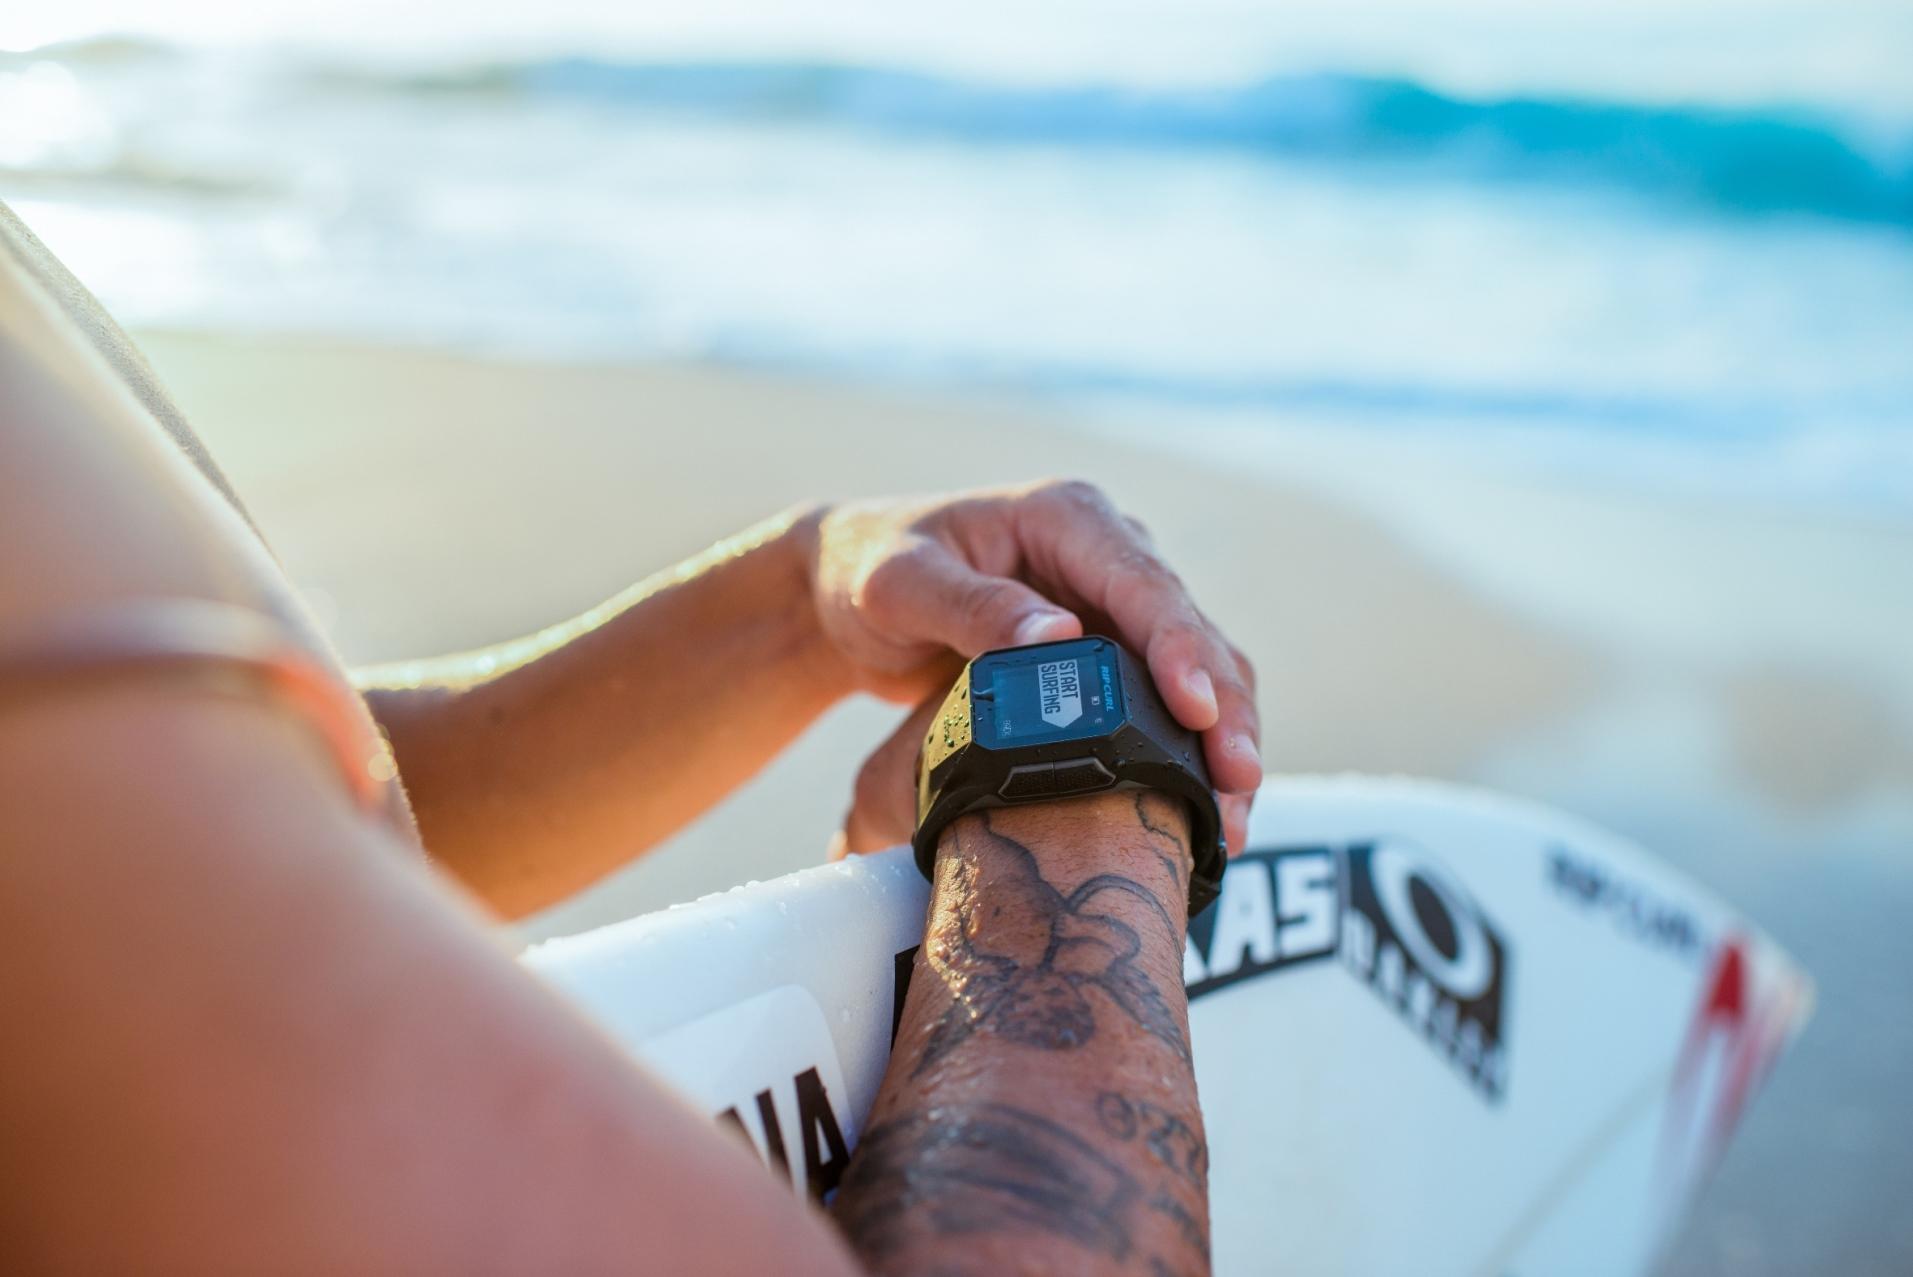 4ce25dc08cc Relógio GPS Rip Curl! Registre o seu surf. - Blog Surf Alive